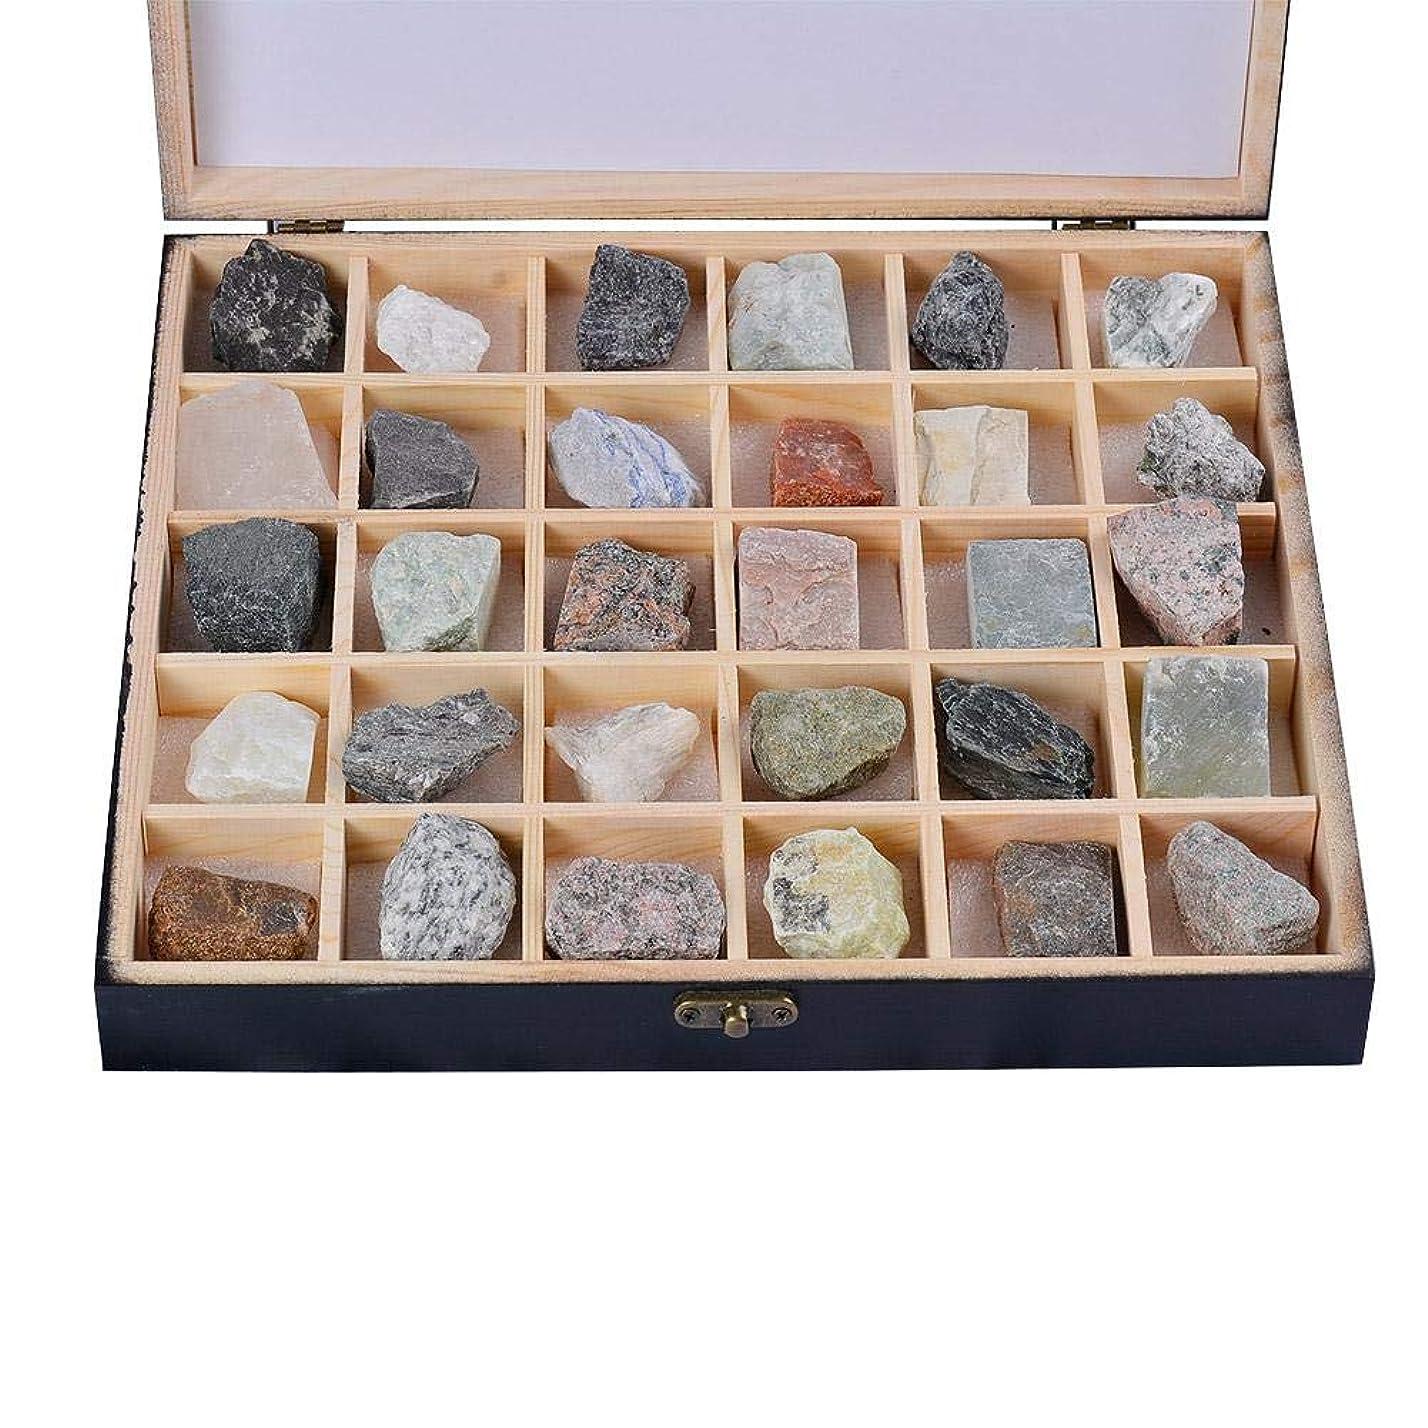 言うまでもなく反映するとても多くのClassicbuy 地質学 教授ツール 岩石 鉱物 科学おもちゃ 30PCS岩石標本(堆積岩/変成岩/火成岩)地質学教育助剤鉱石結晶